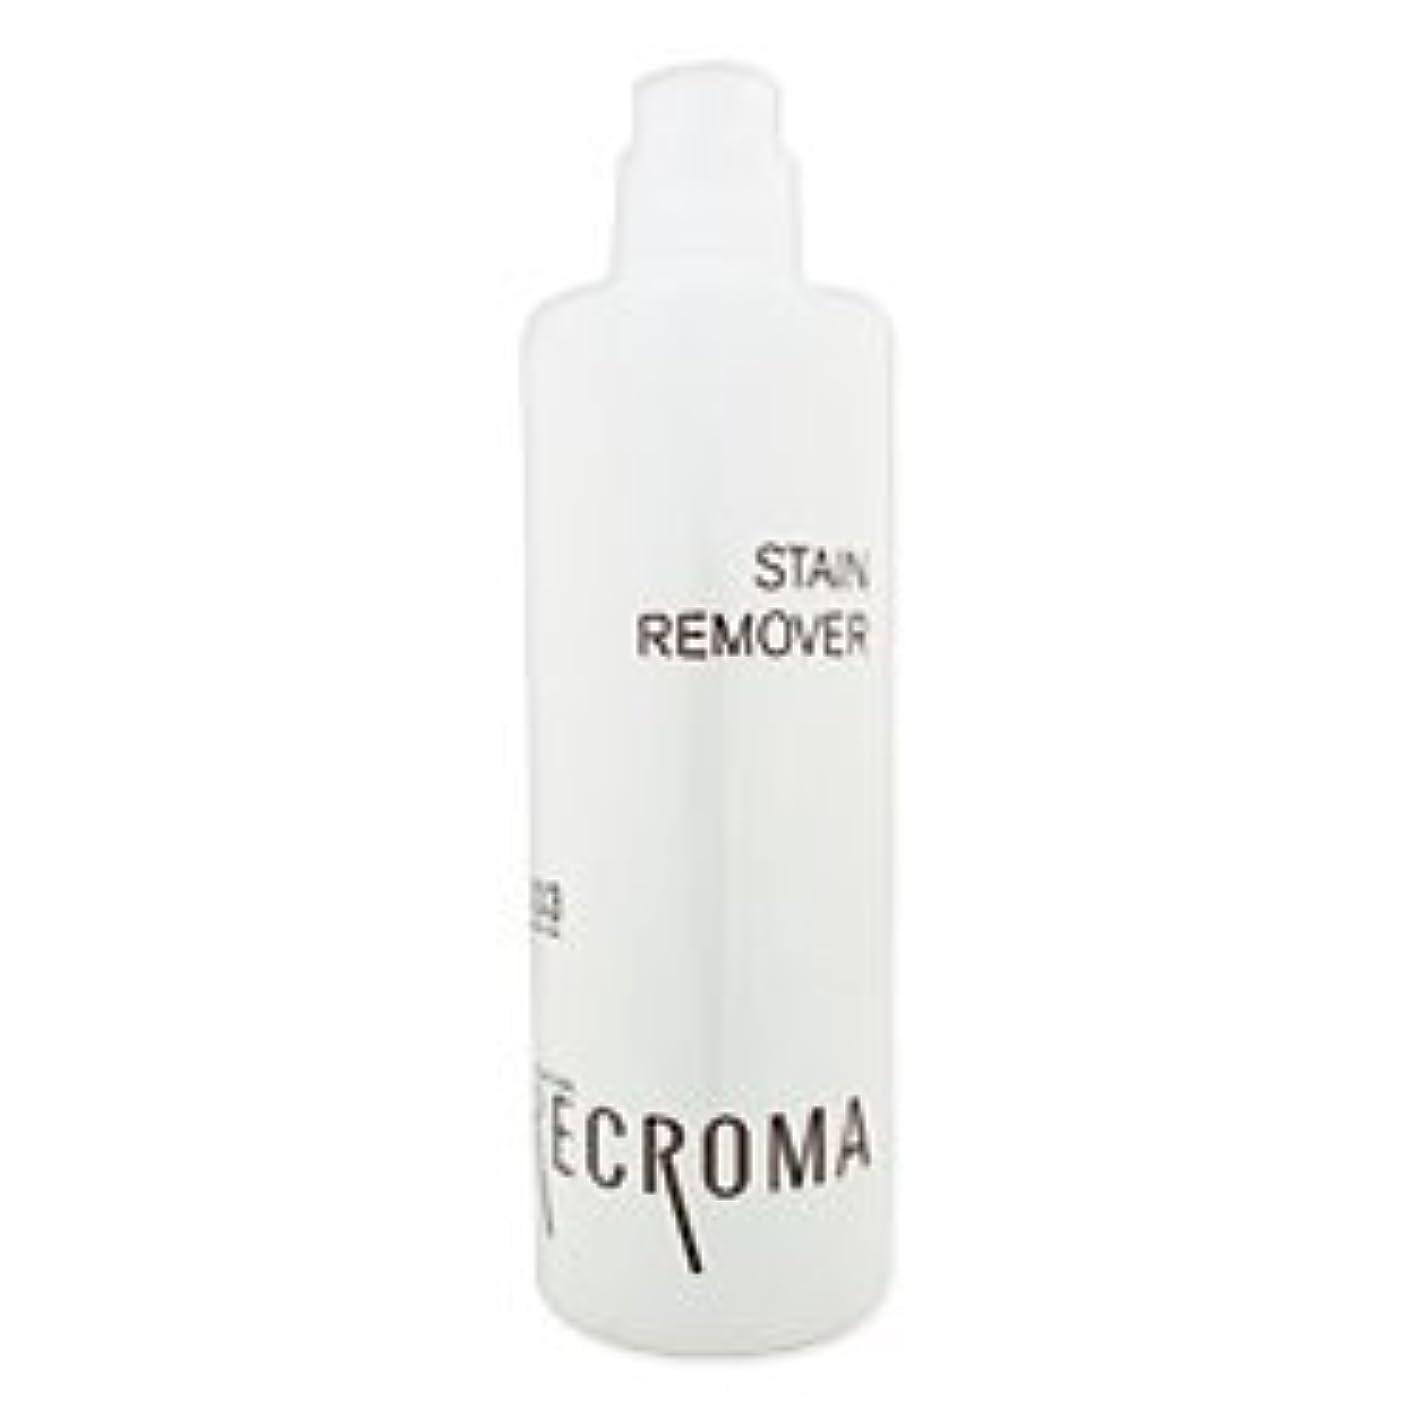 ナンバースリー リクロマ ステインリムーバー 拭き取り化粧水 300ml 【業務用】